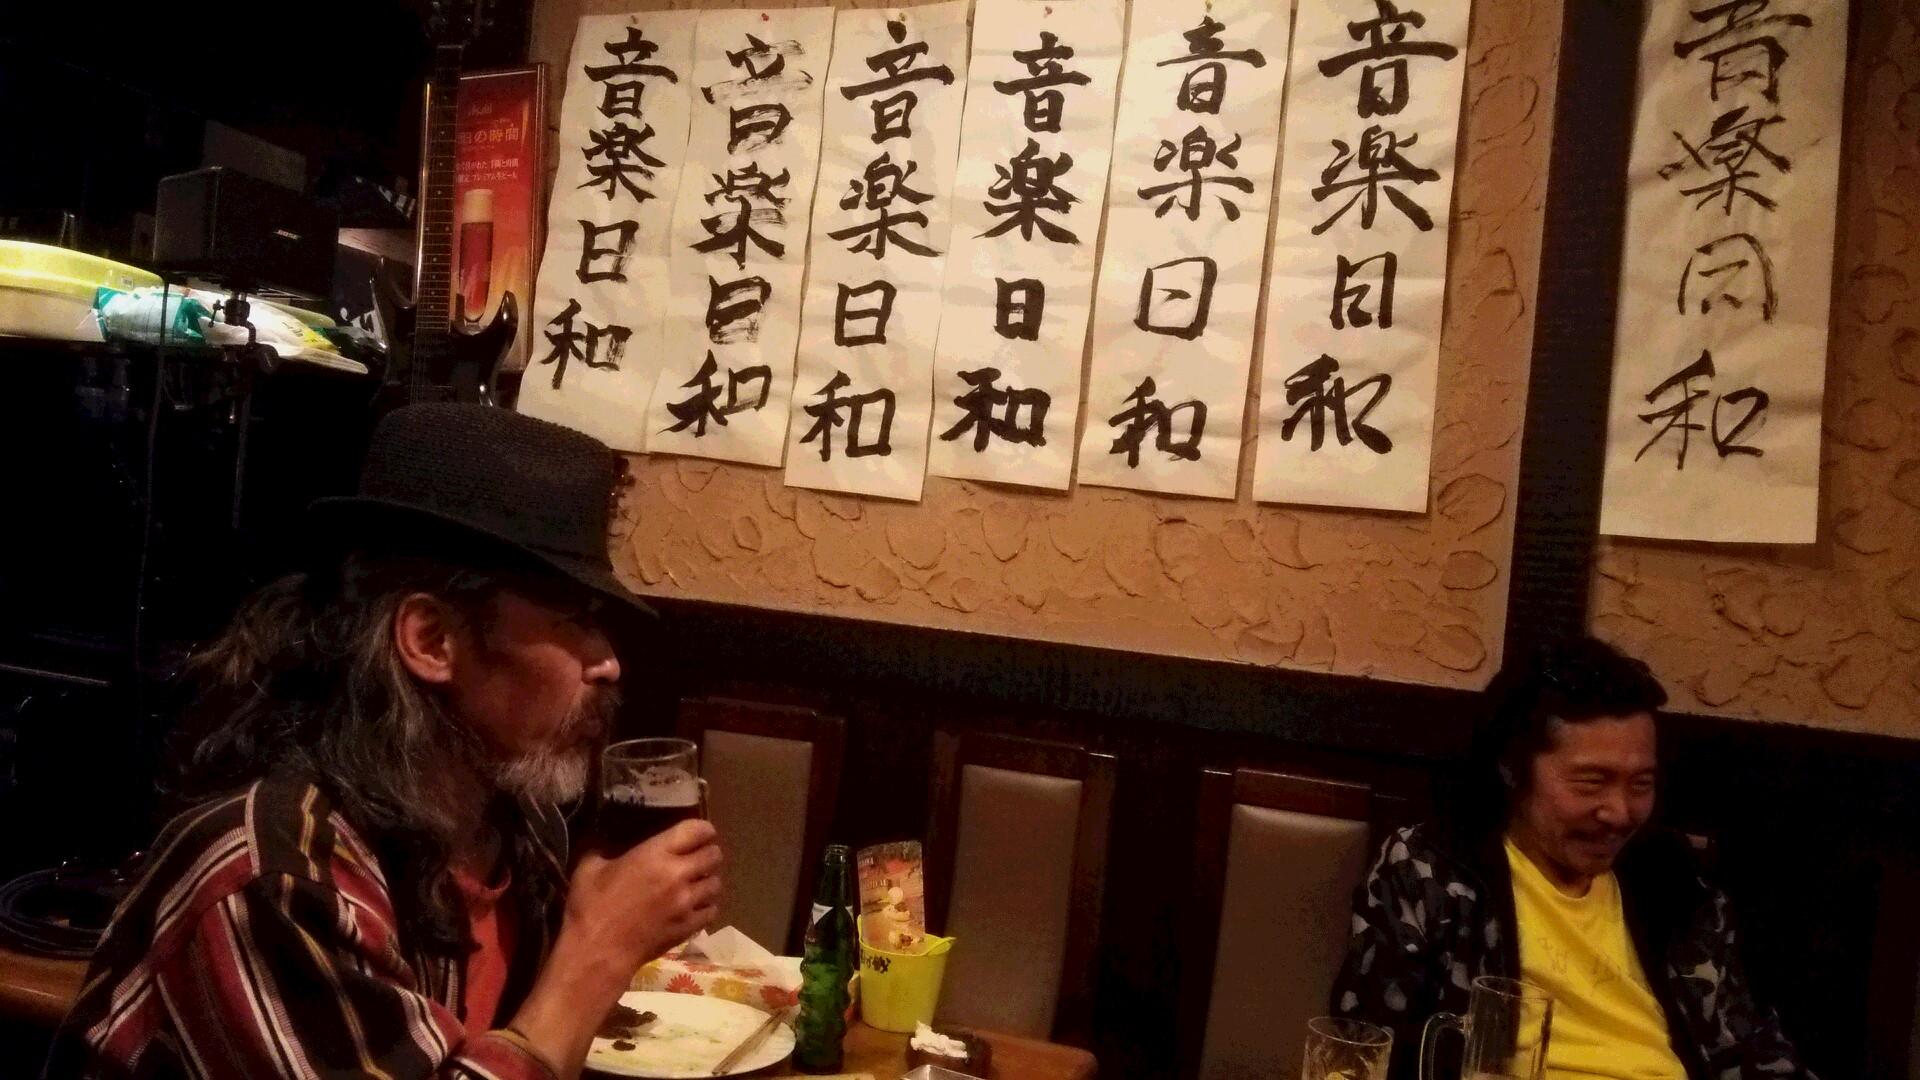 魅酒健太郎さん・永原元さん・長津宏文さんのライブへ!